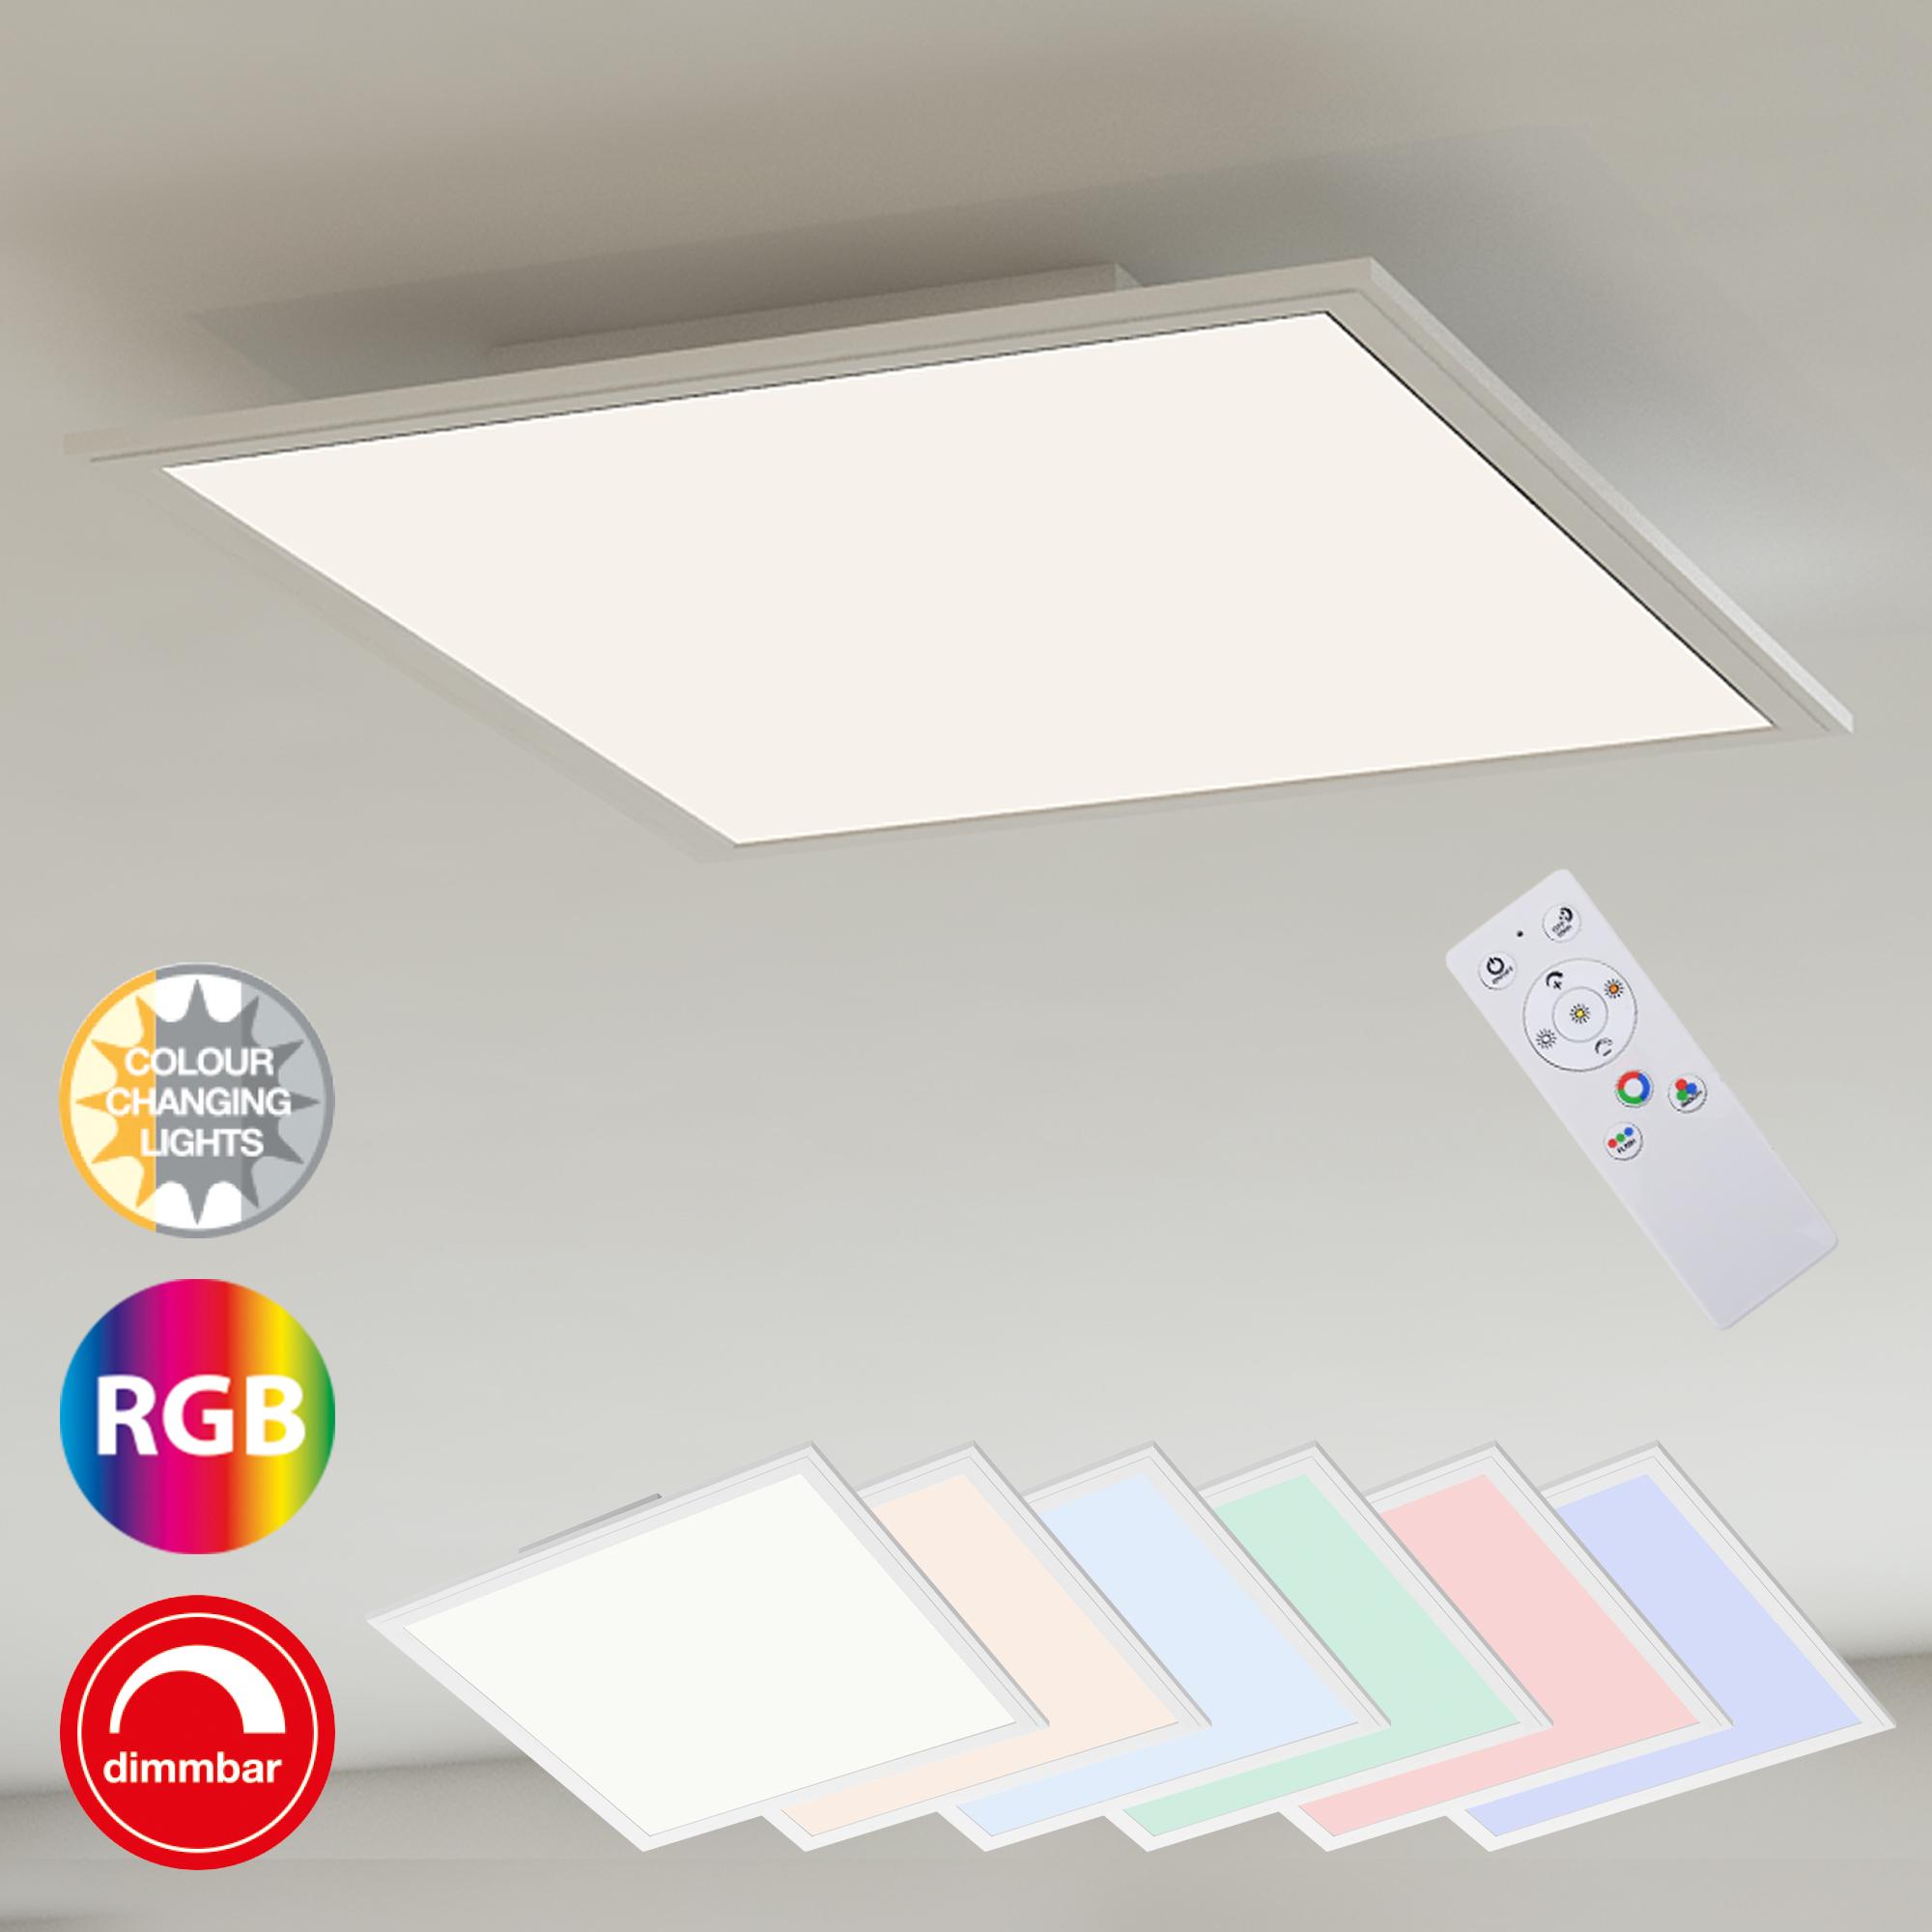 RGB Farbwechsel LED Panel Weiß